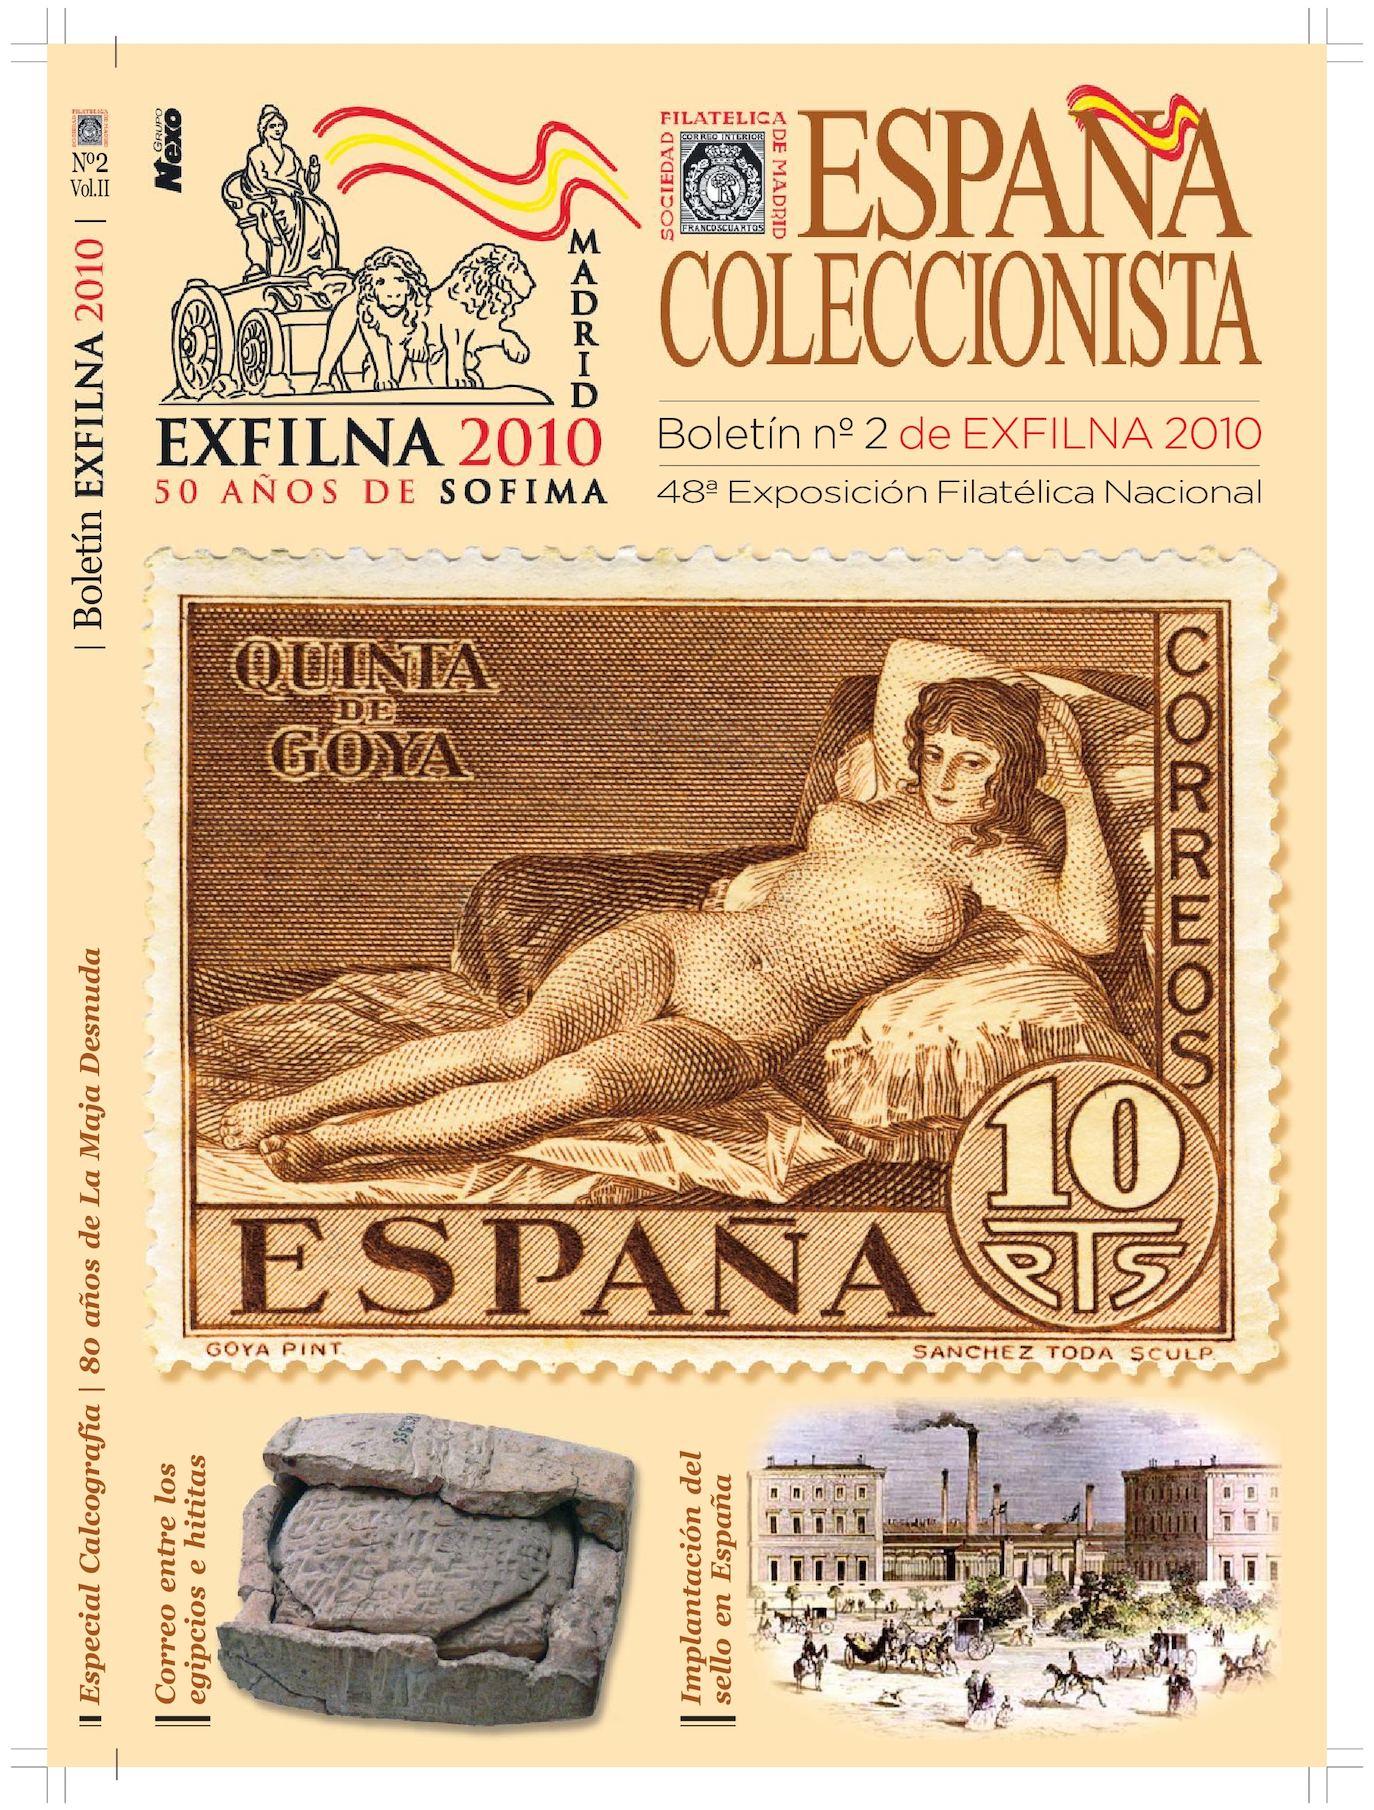 Calaméo - España Coleccionista